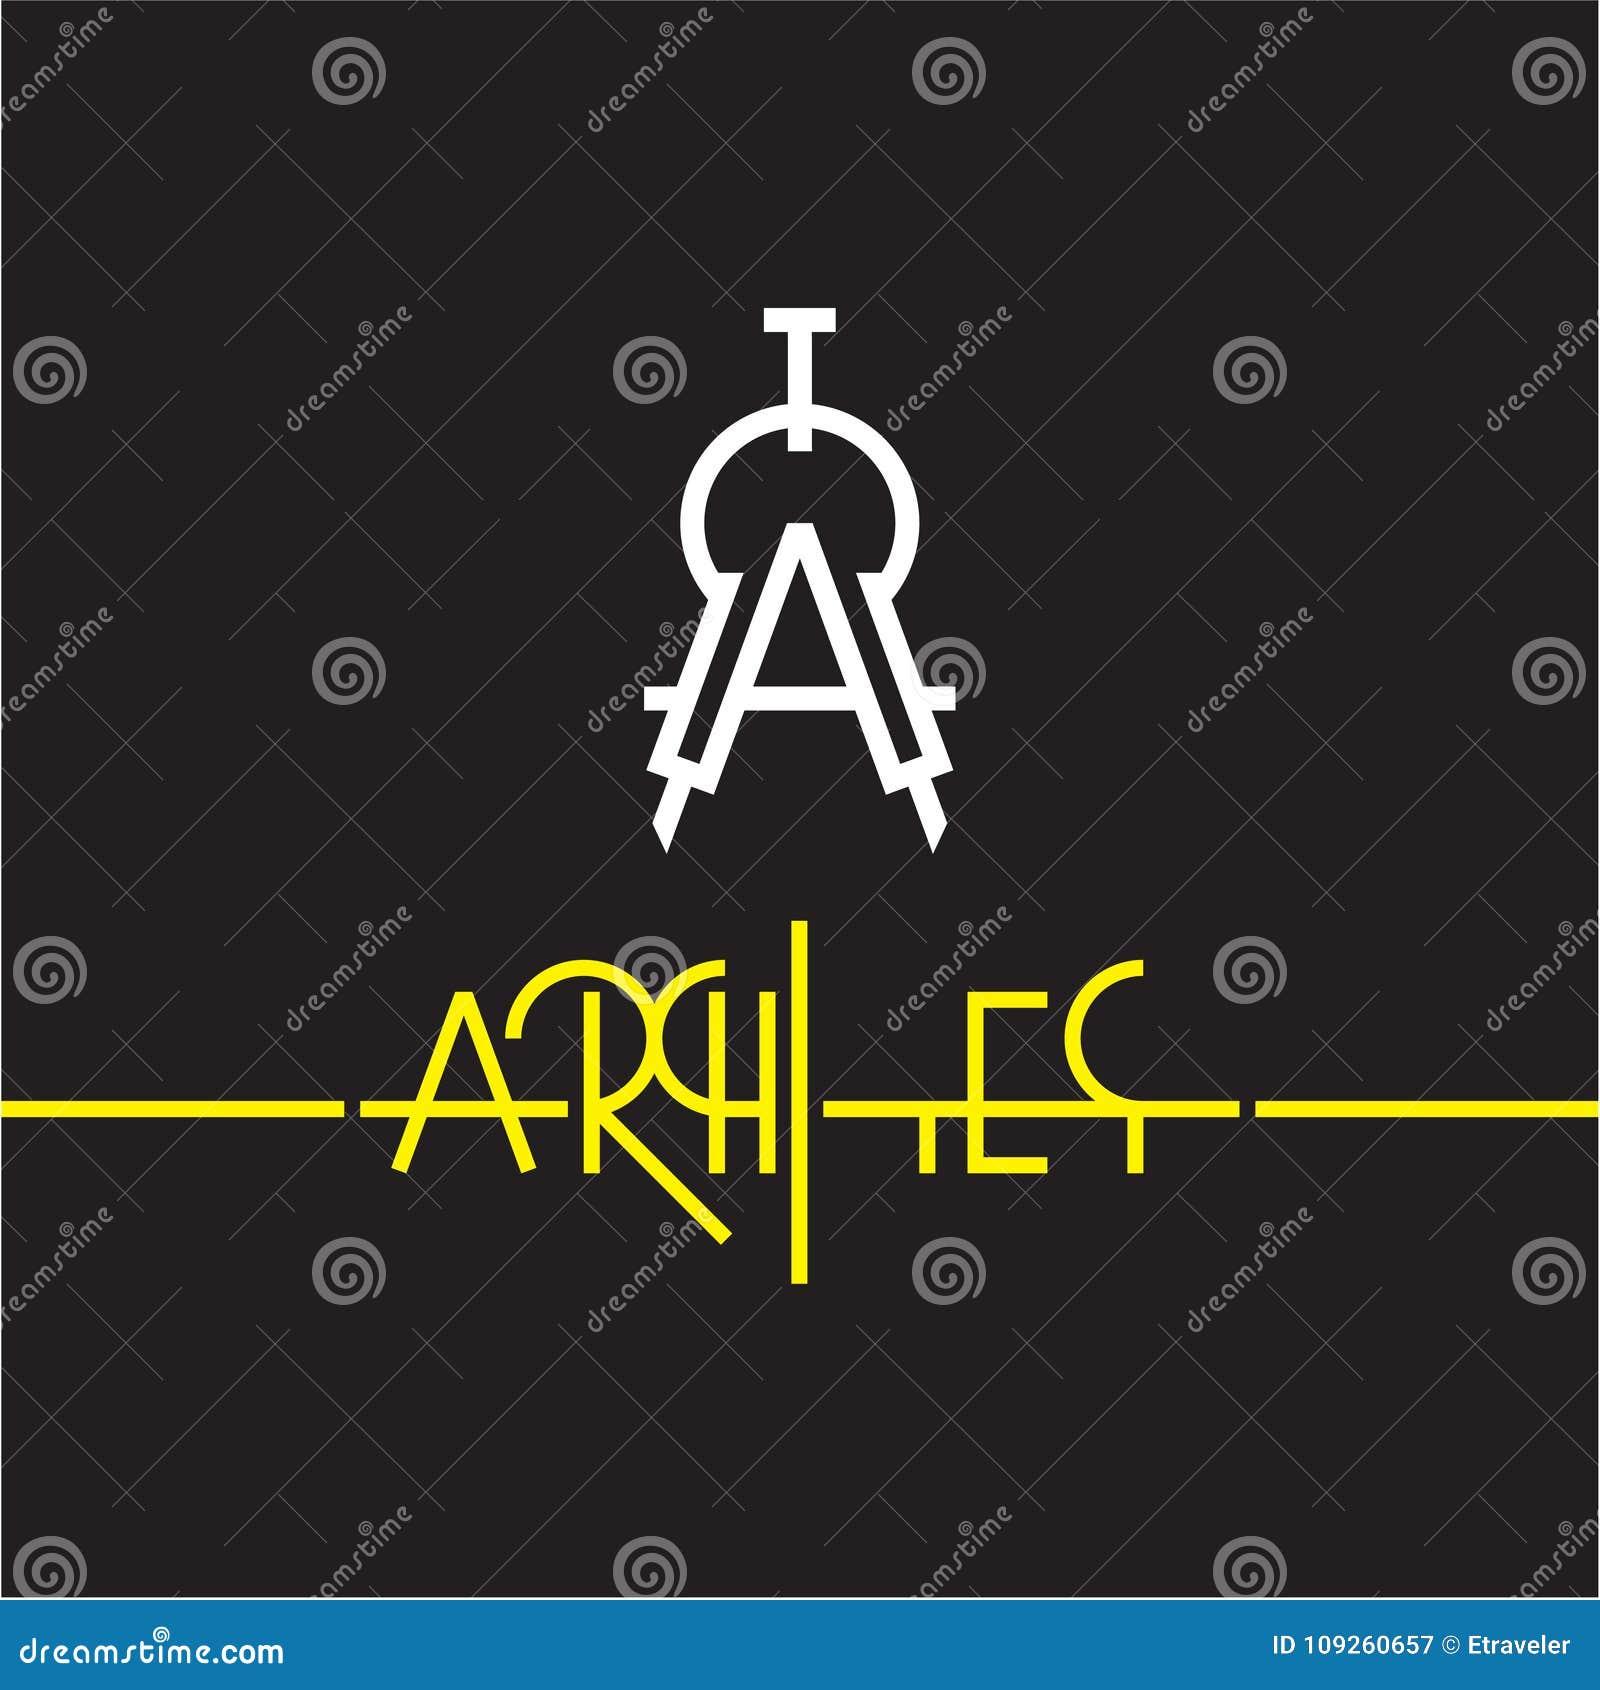 Icono Del Compás, Divisor, Logotipo Del Arquitecto Ilustración del ...